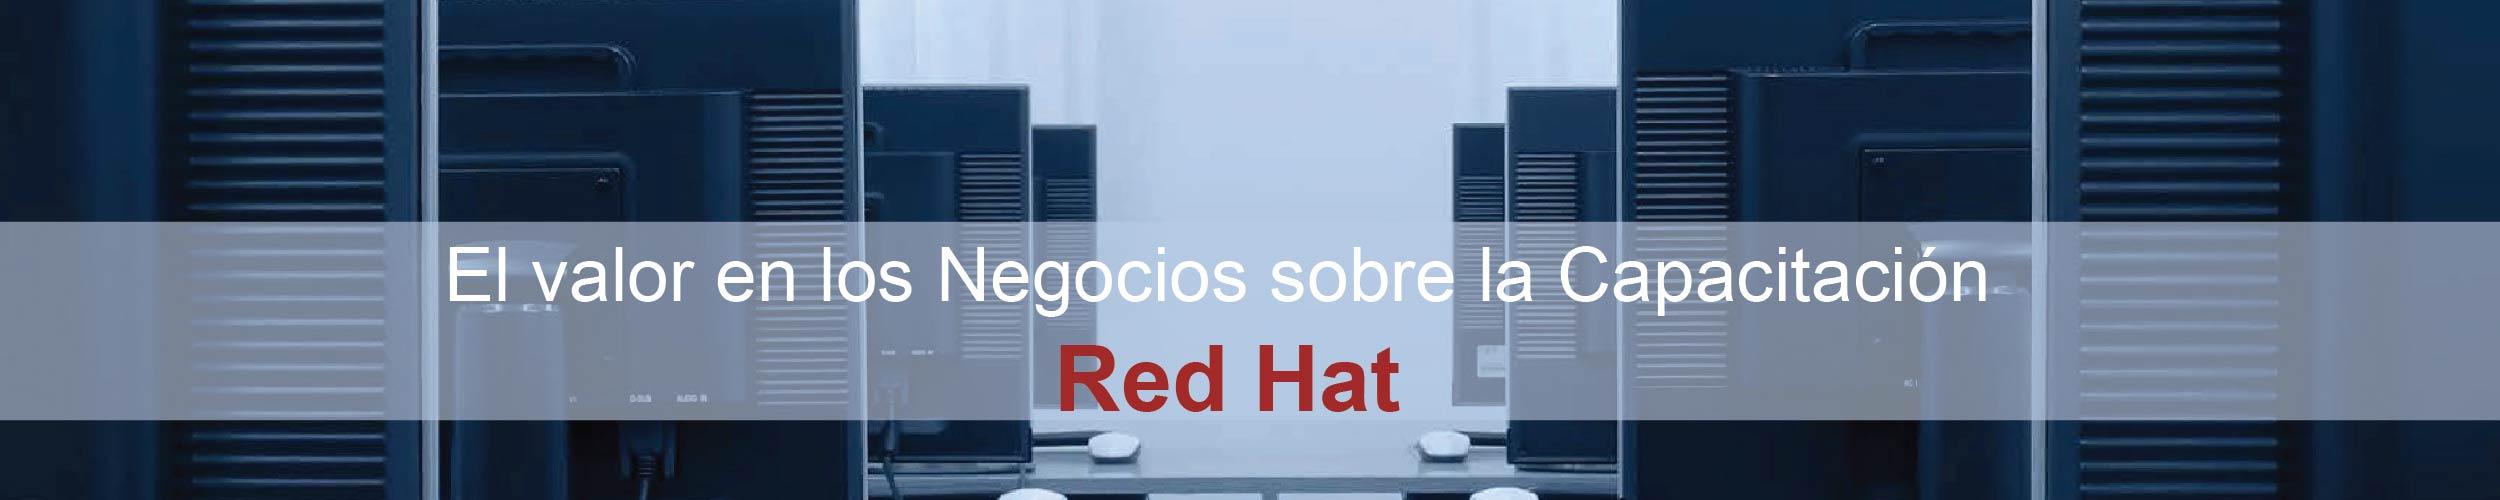 El Valor en los Negocios de la Capacitación en Red Hat